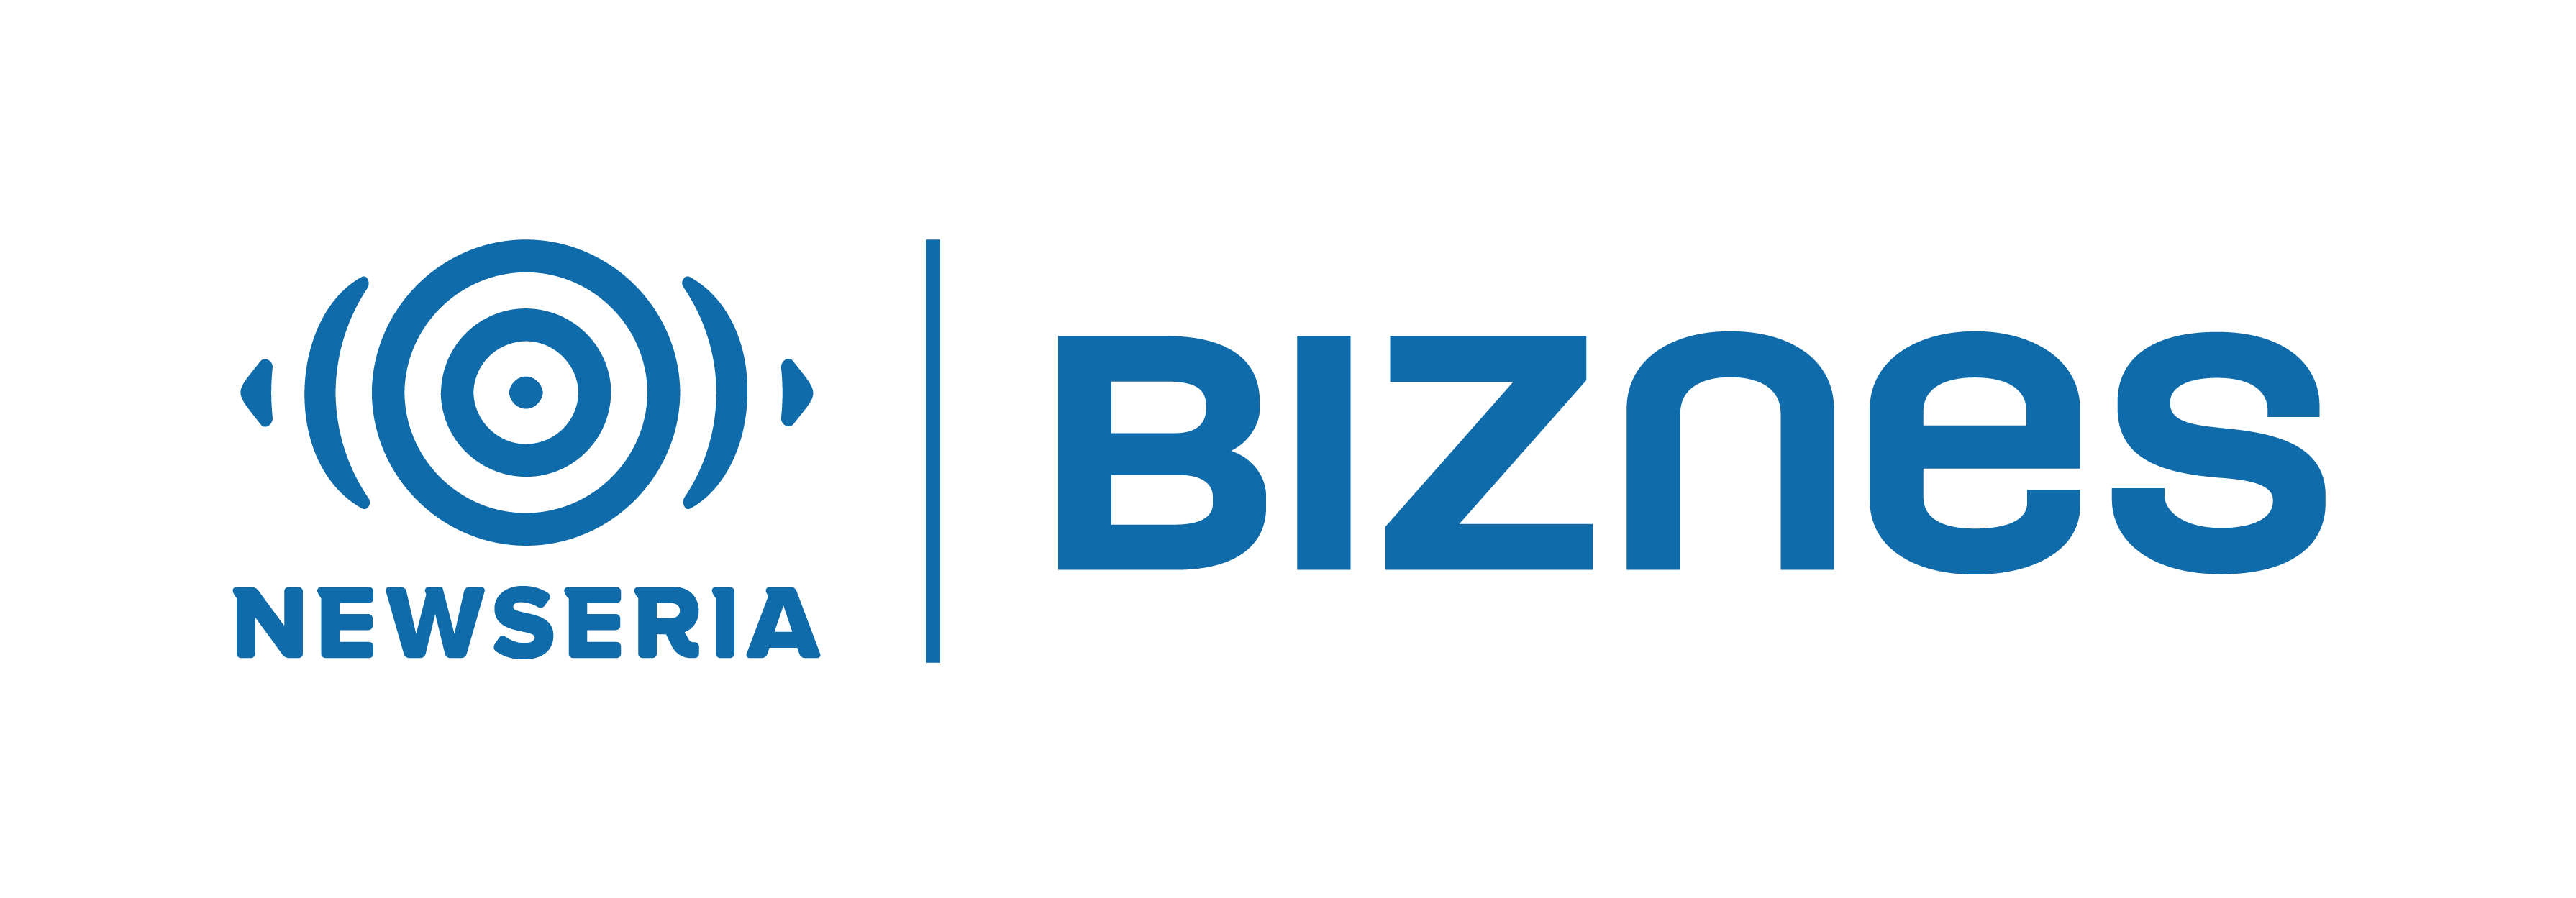 Newseria Biznes